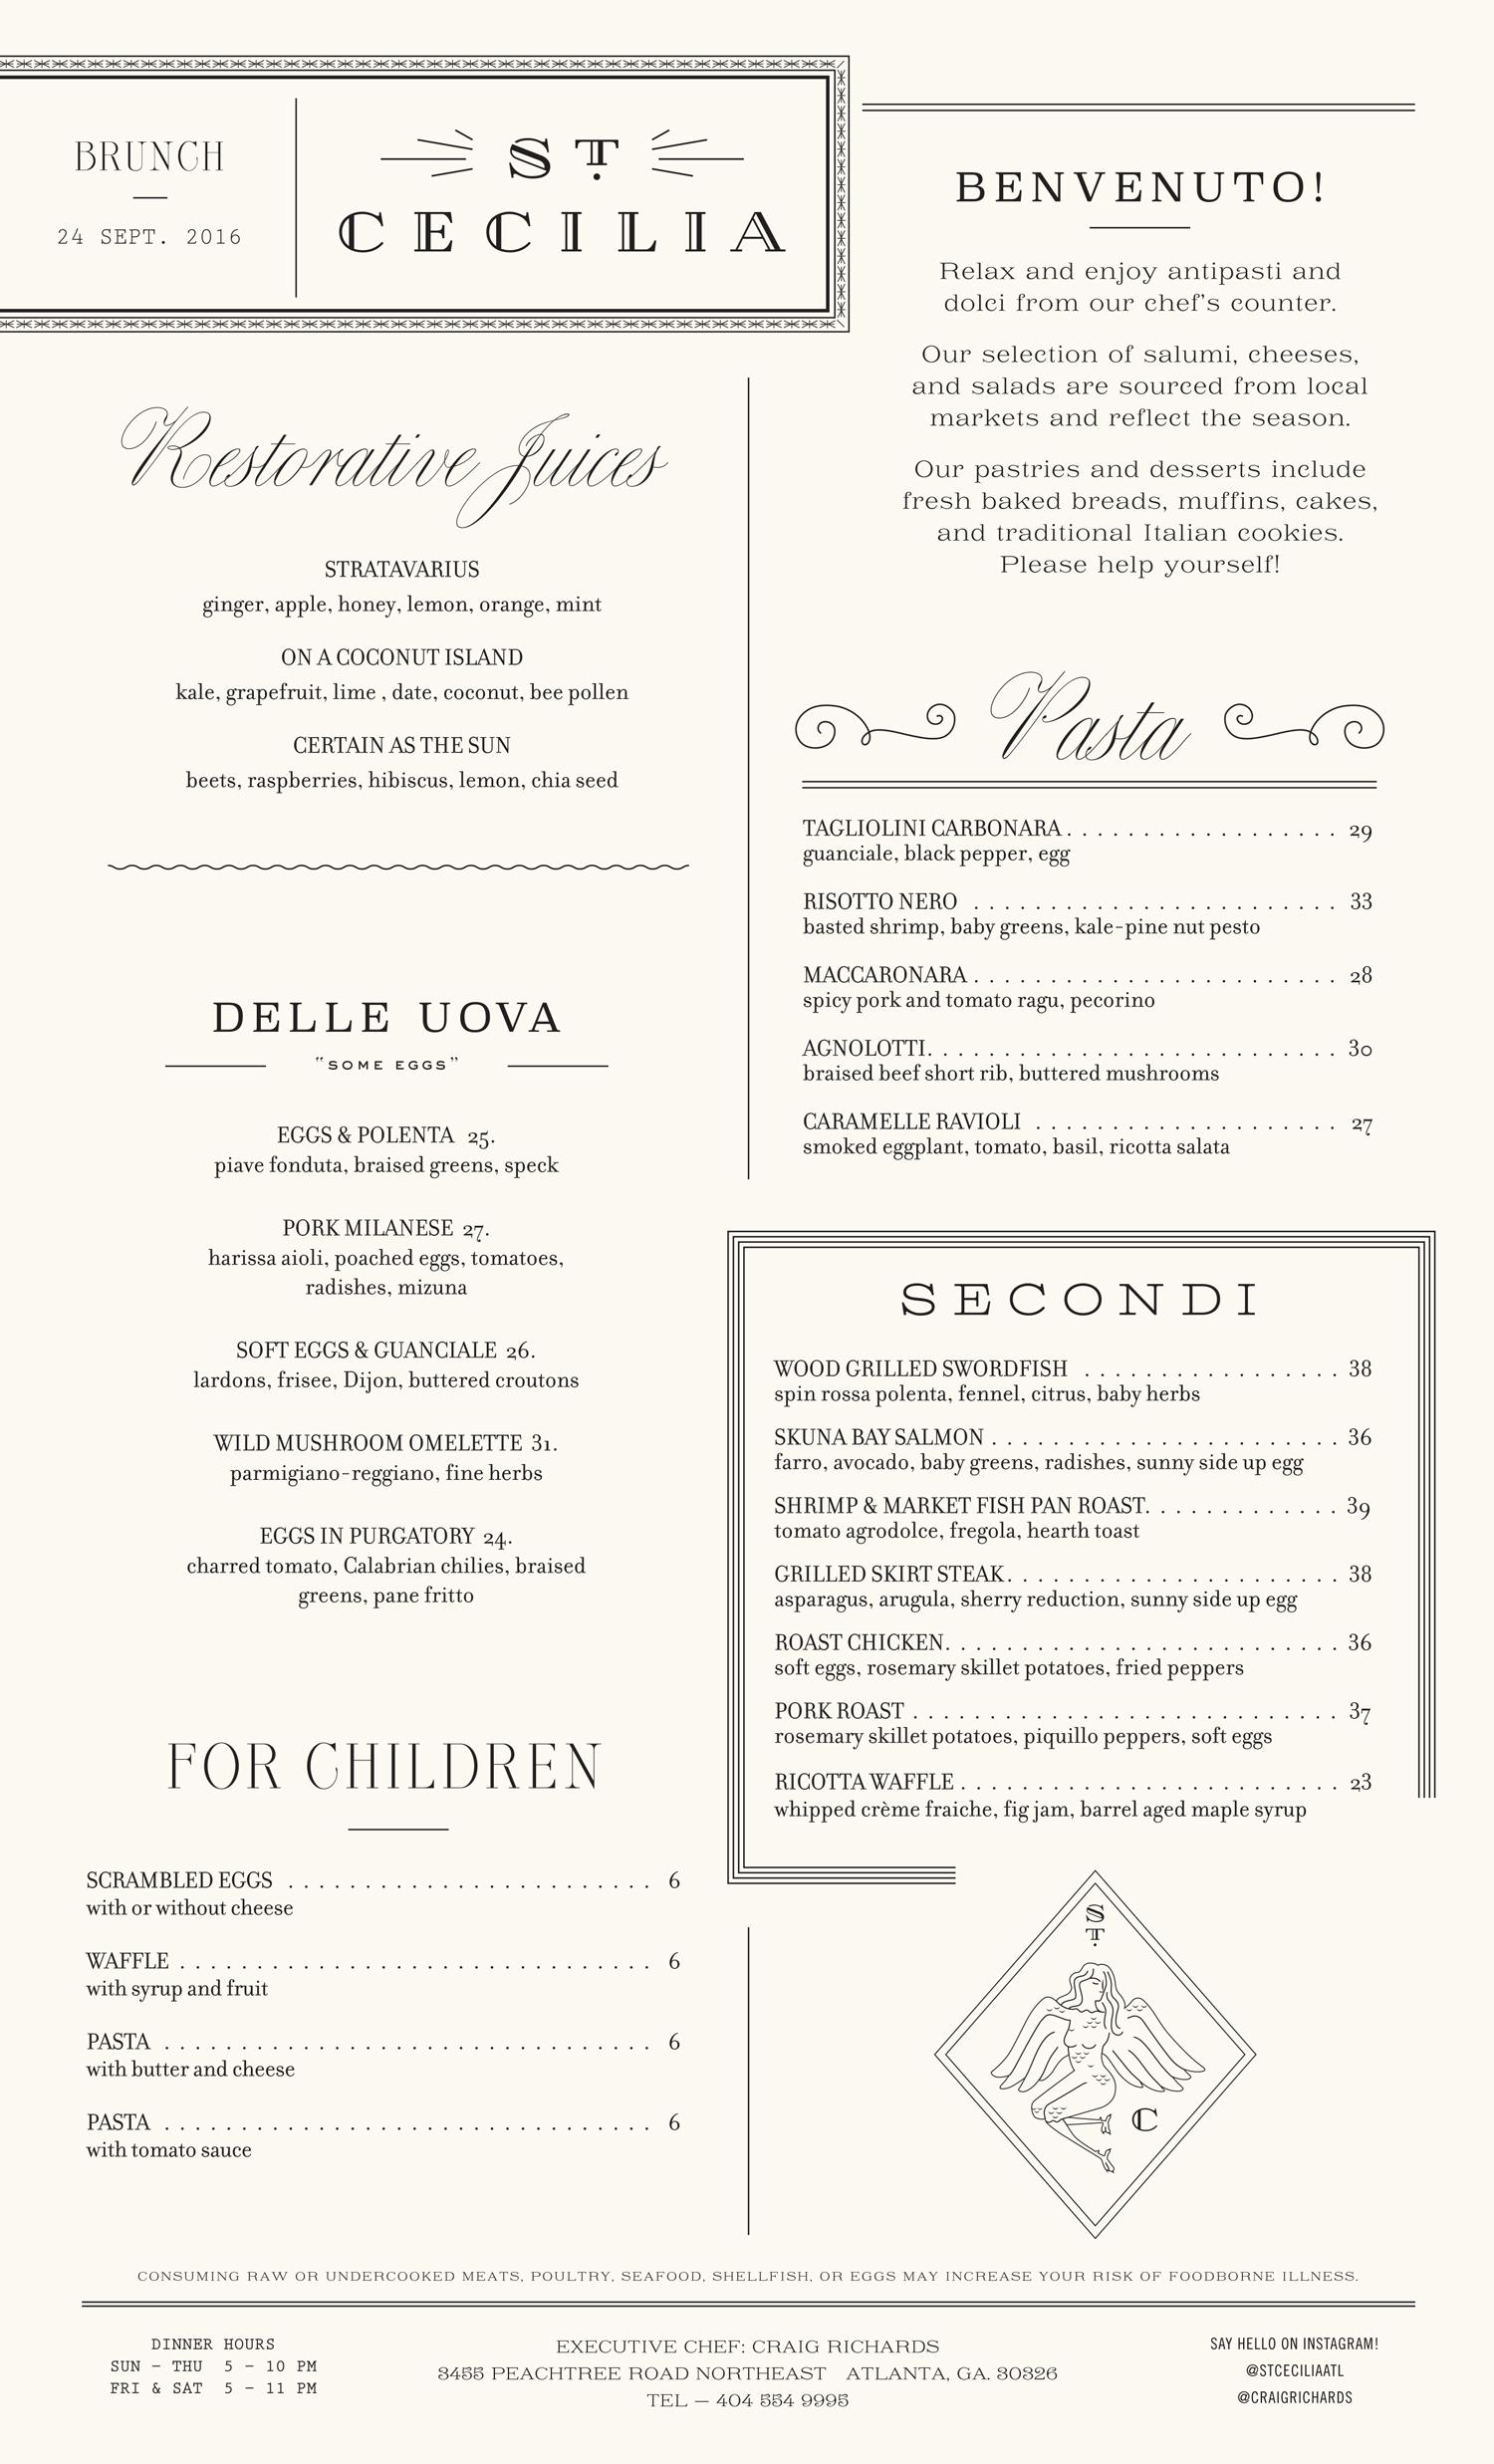 St. Cecilia Brunch menu